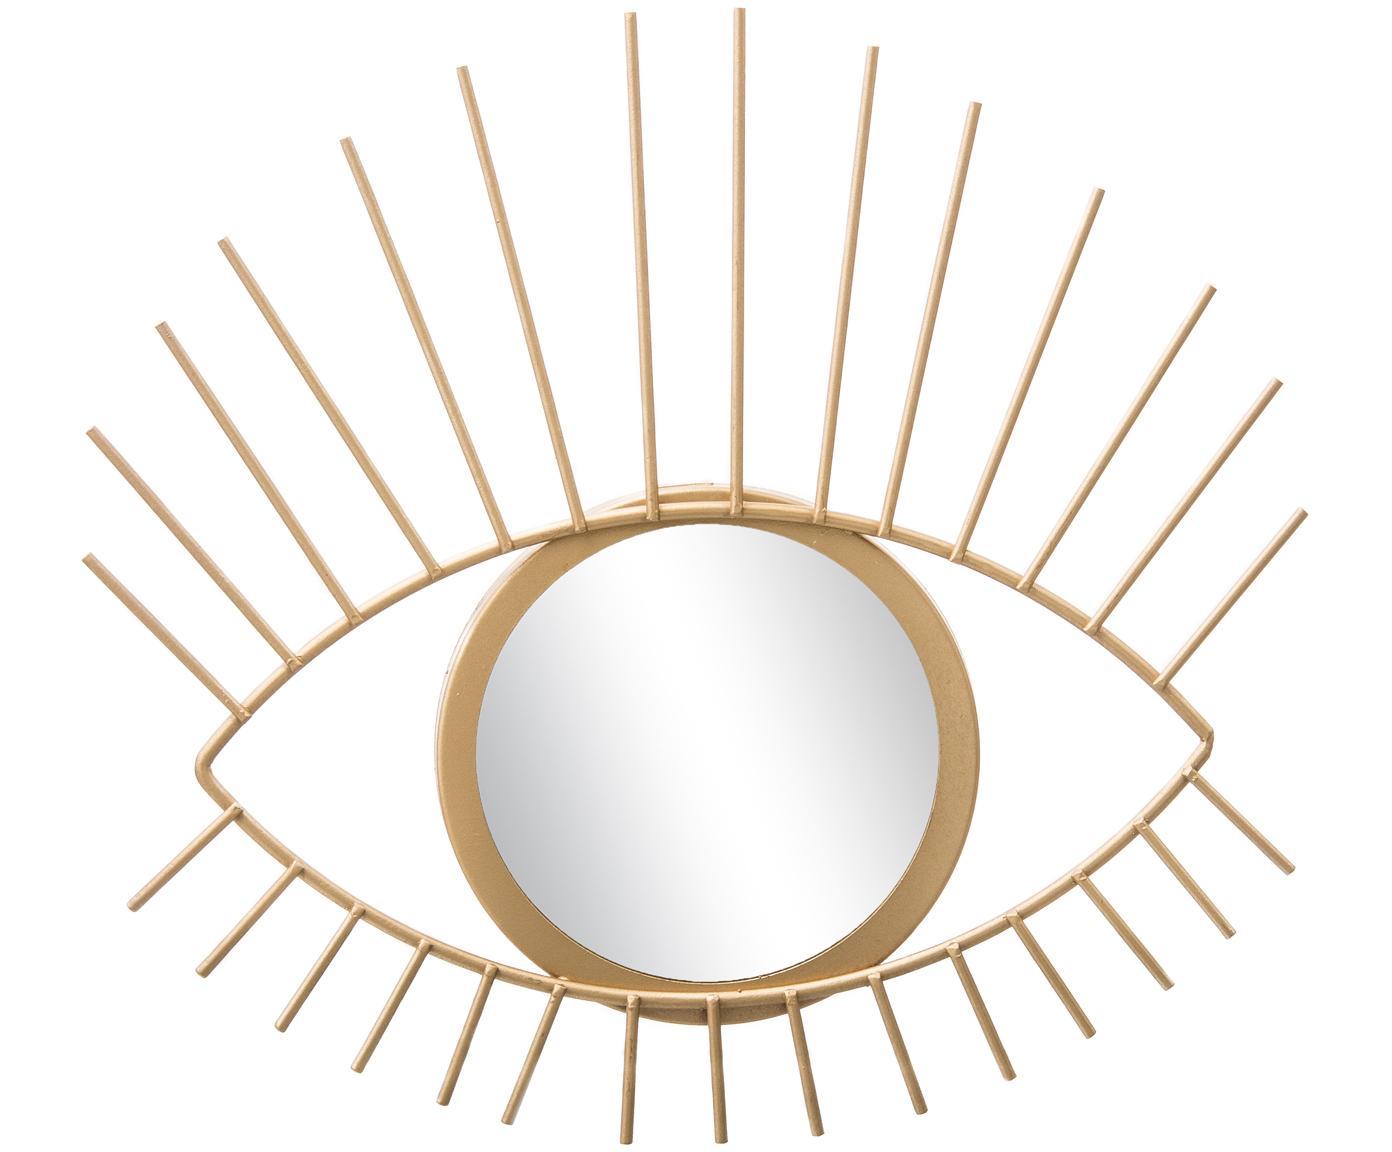 Lustro dekoracyjne Auge, Rama: odcienie złotego Lustro: szkło lustrzane, S 27 x W 31 cm